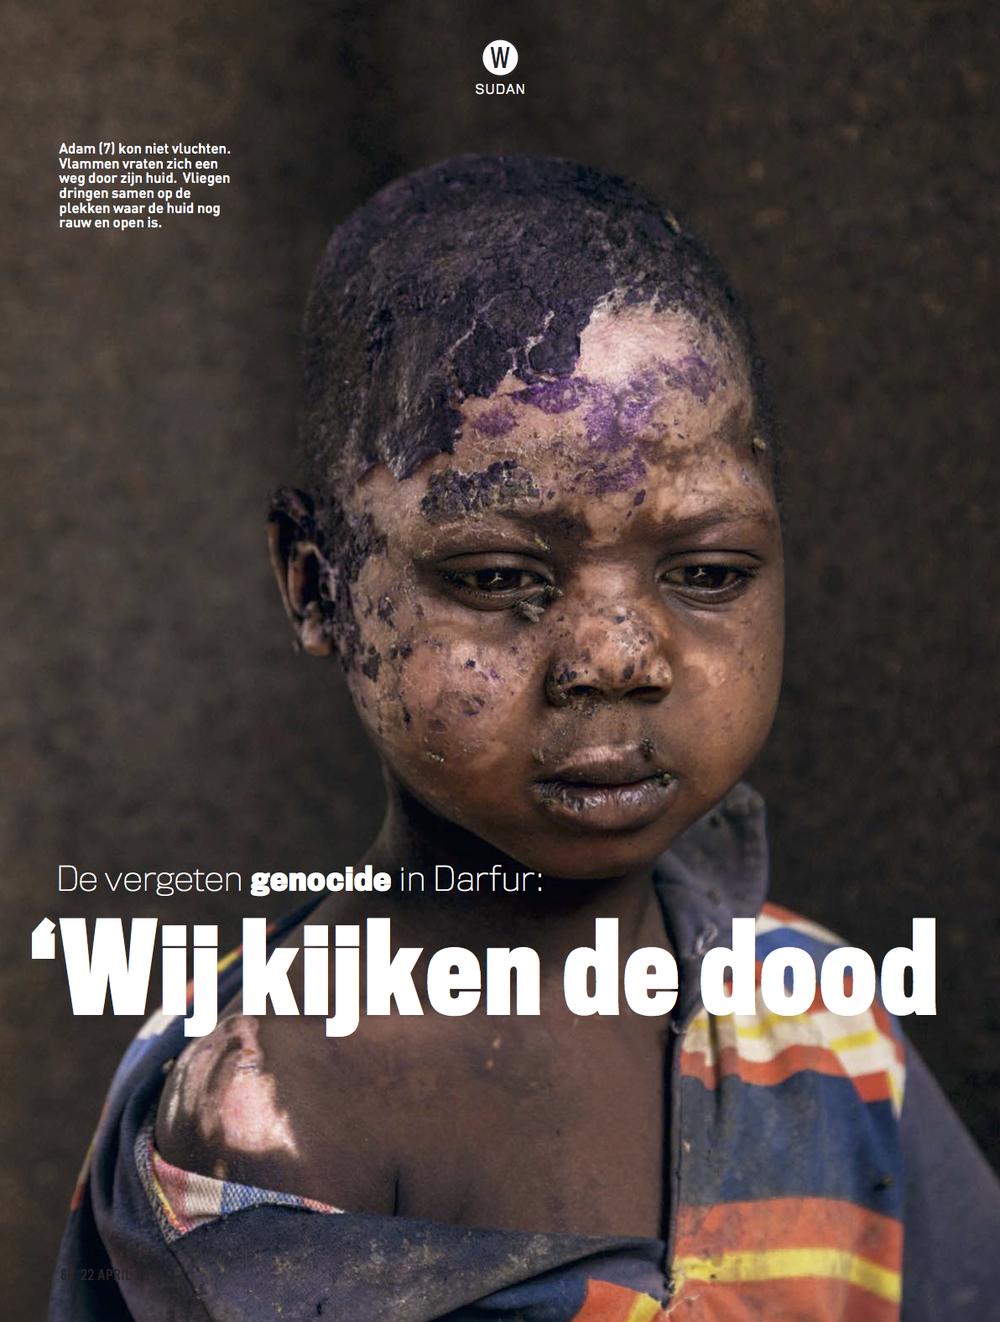 Knack_Darfur_01.jpg